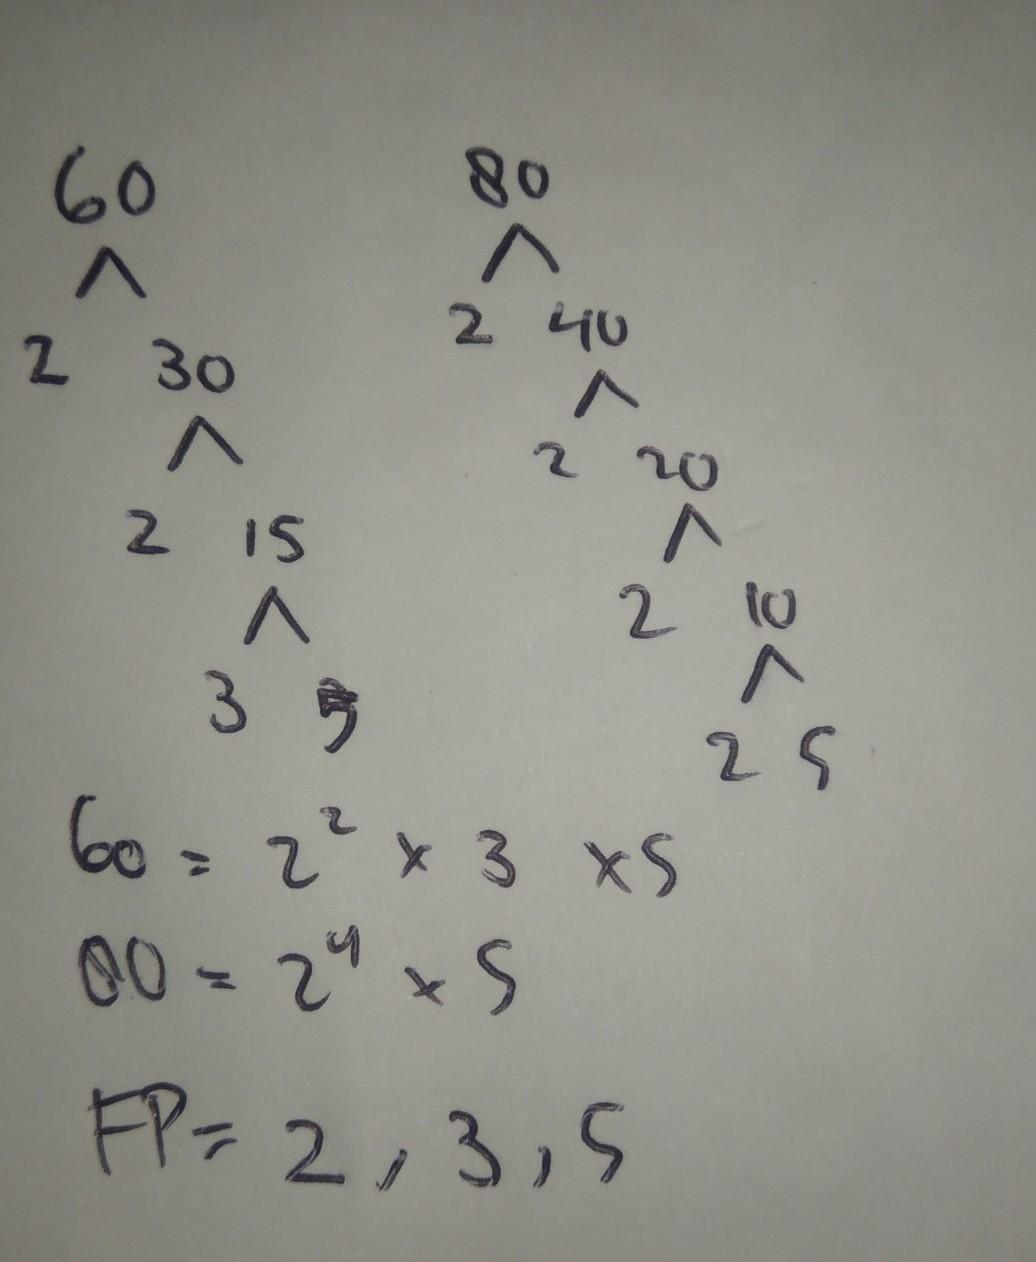 Faktorisasi Prima Dari 60 : faktorisasi, prima, Faktorisasi, Prima, Bilangan, Secara, Berurutan, Adalah, Brainly.co.id